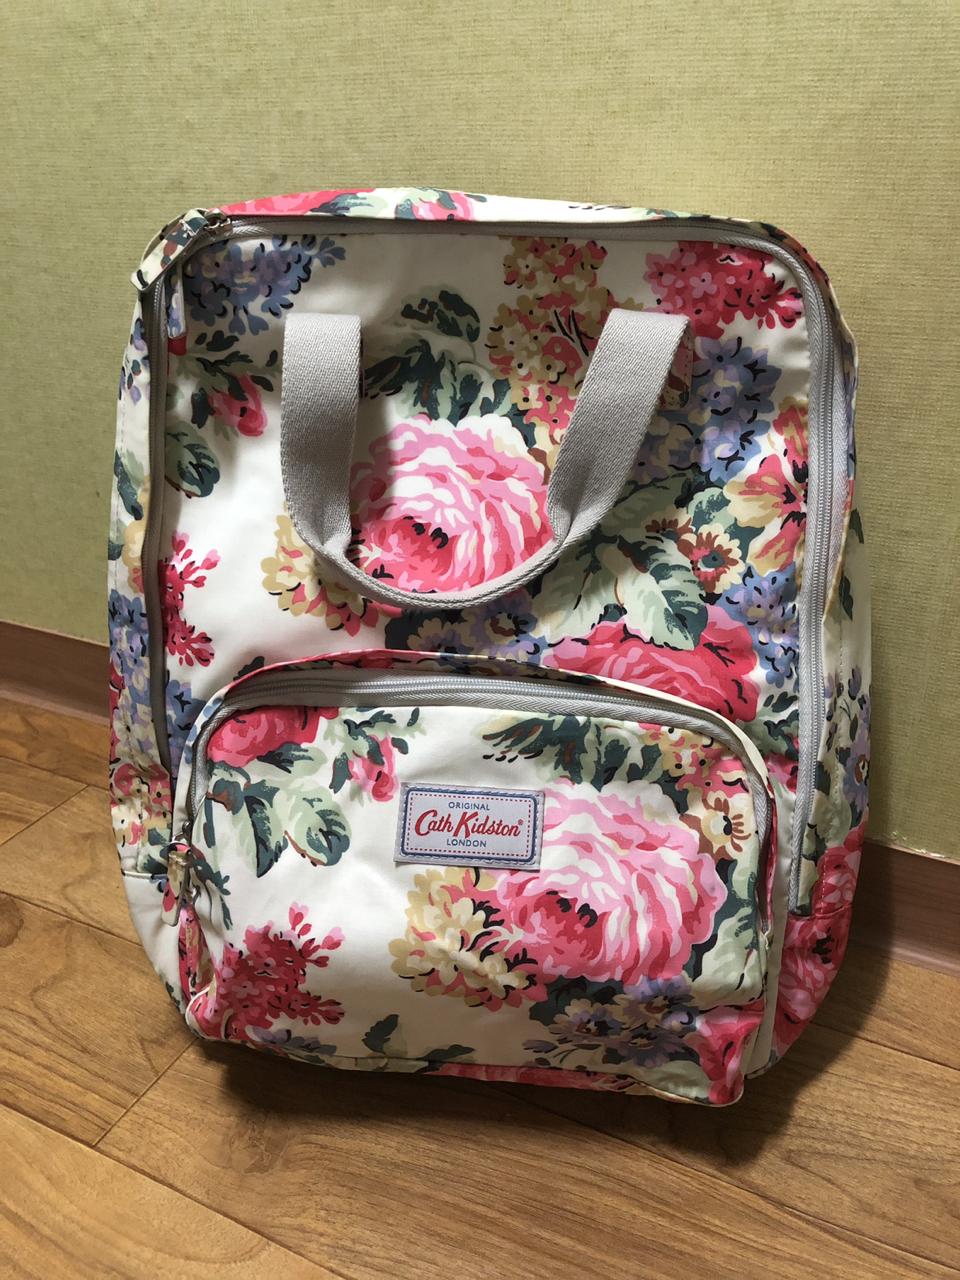 캐시키드슨 기저귀가방